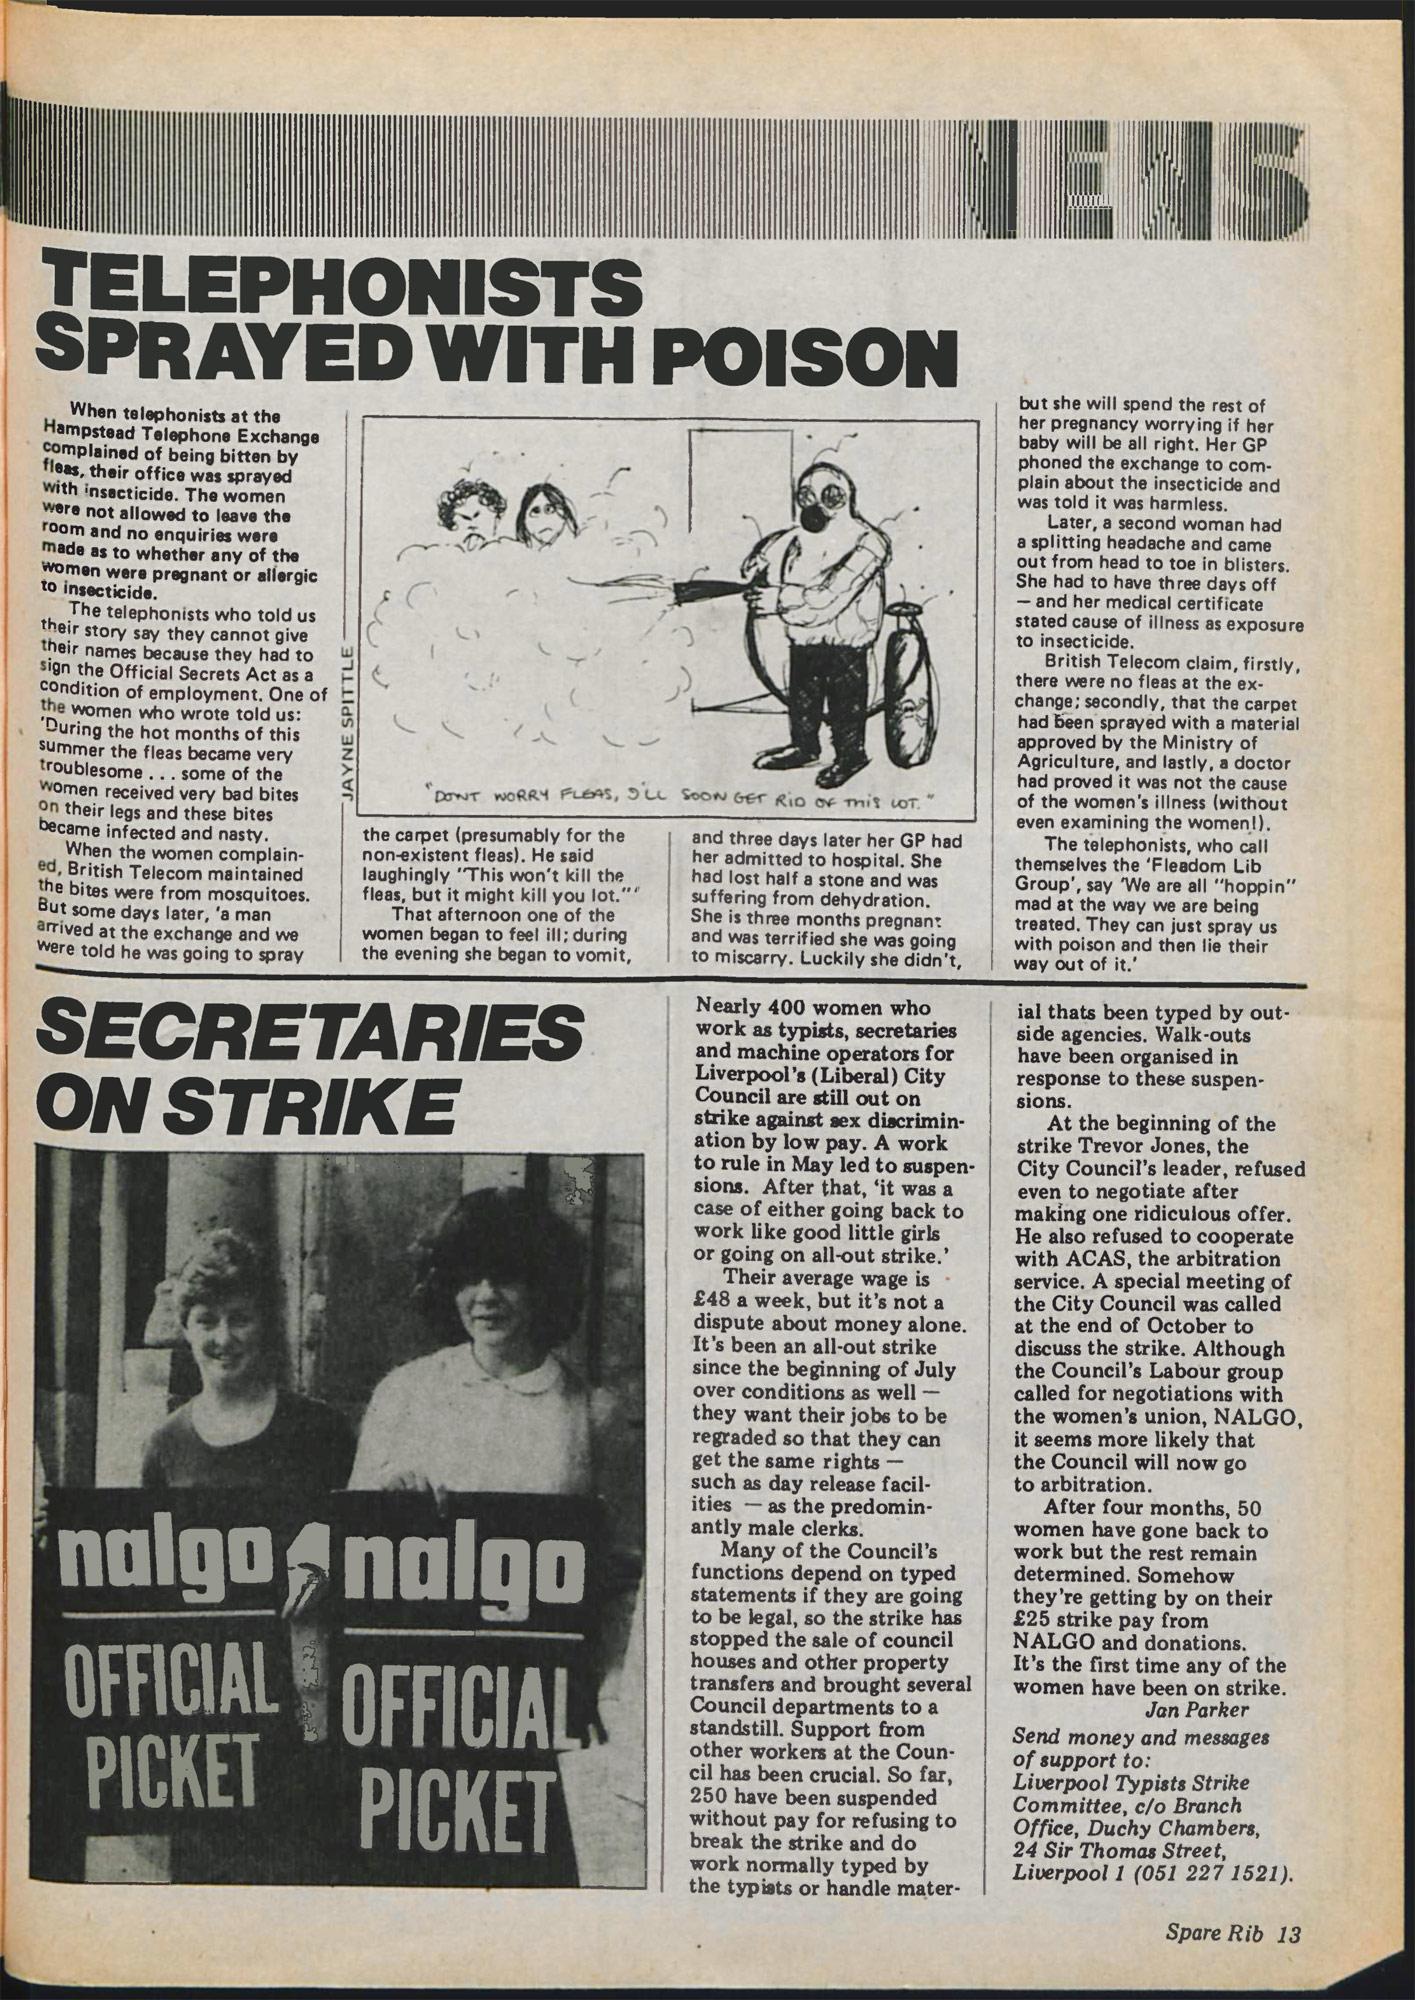 Spare Rib magazine issue 113 p. 13